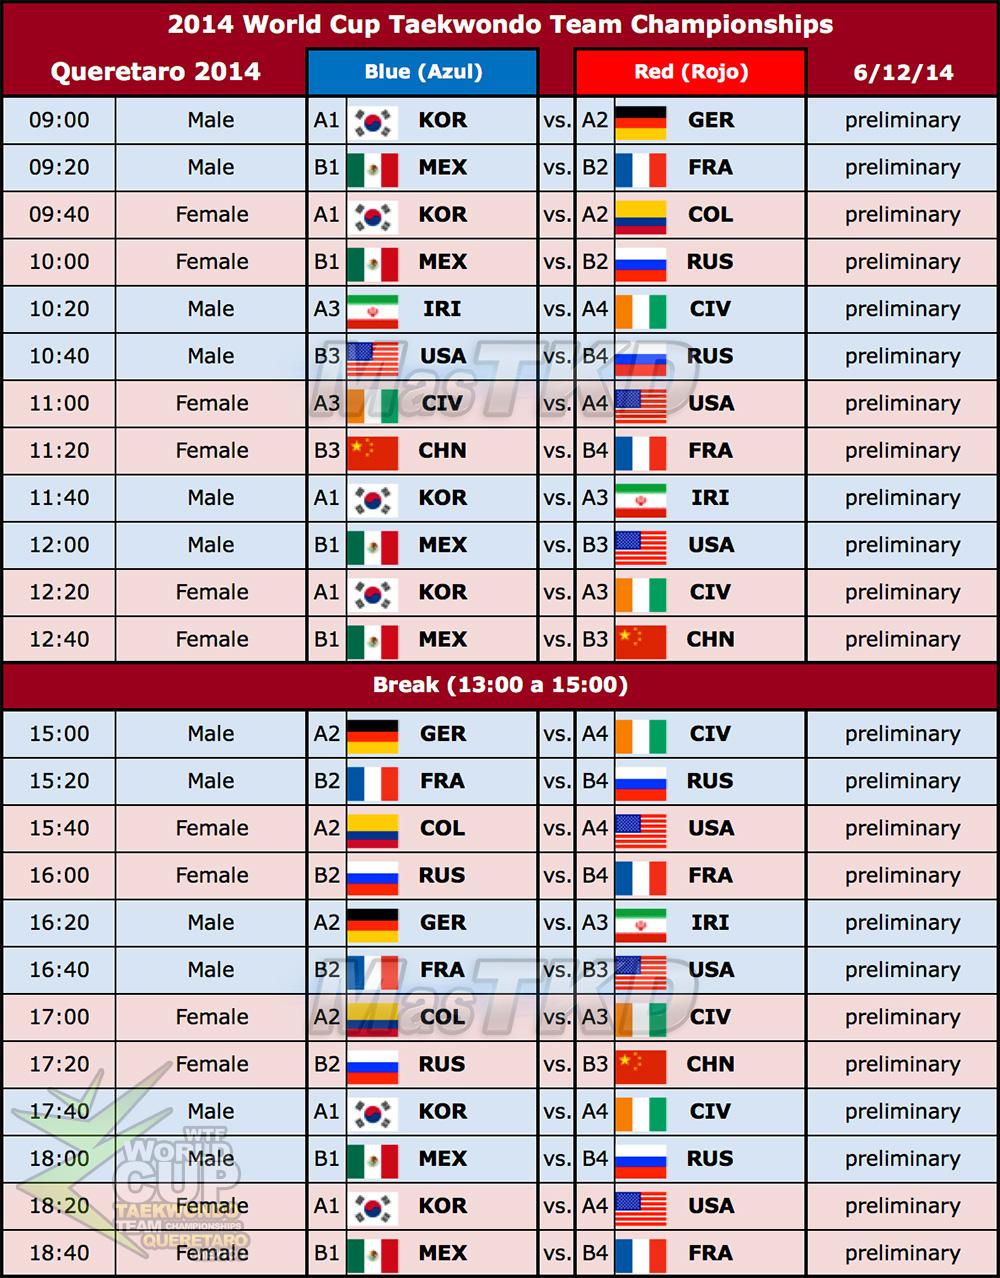 Fixture de las preliminares de la Copa del Mundo por Equipos de Taekwondo 2014